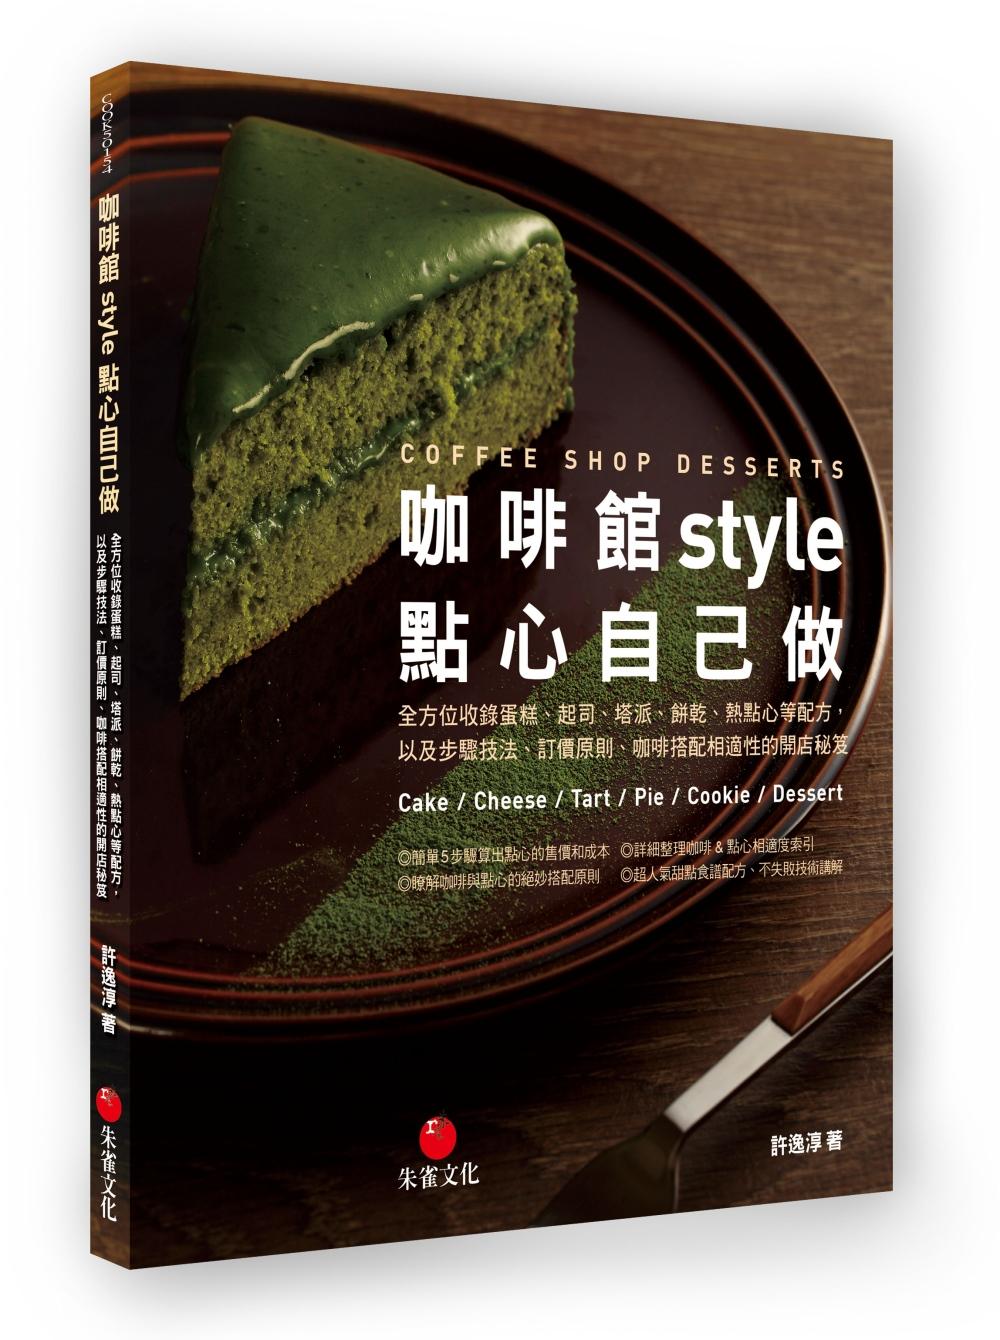 咖啡館style點心自己做:全方位收錄蛋糕、起司、塔派、餅乾、熱點心等配方,以及步驟技法、訂價原則、咖啡搭配相適性的開店秘笈